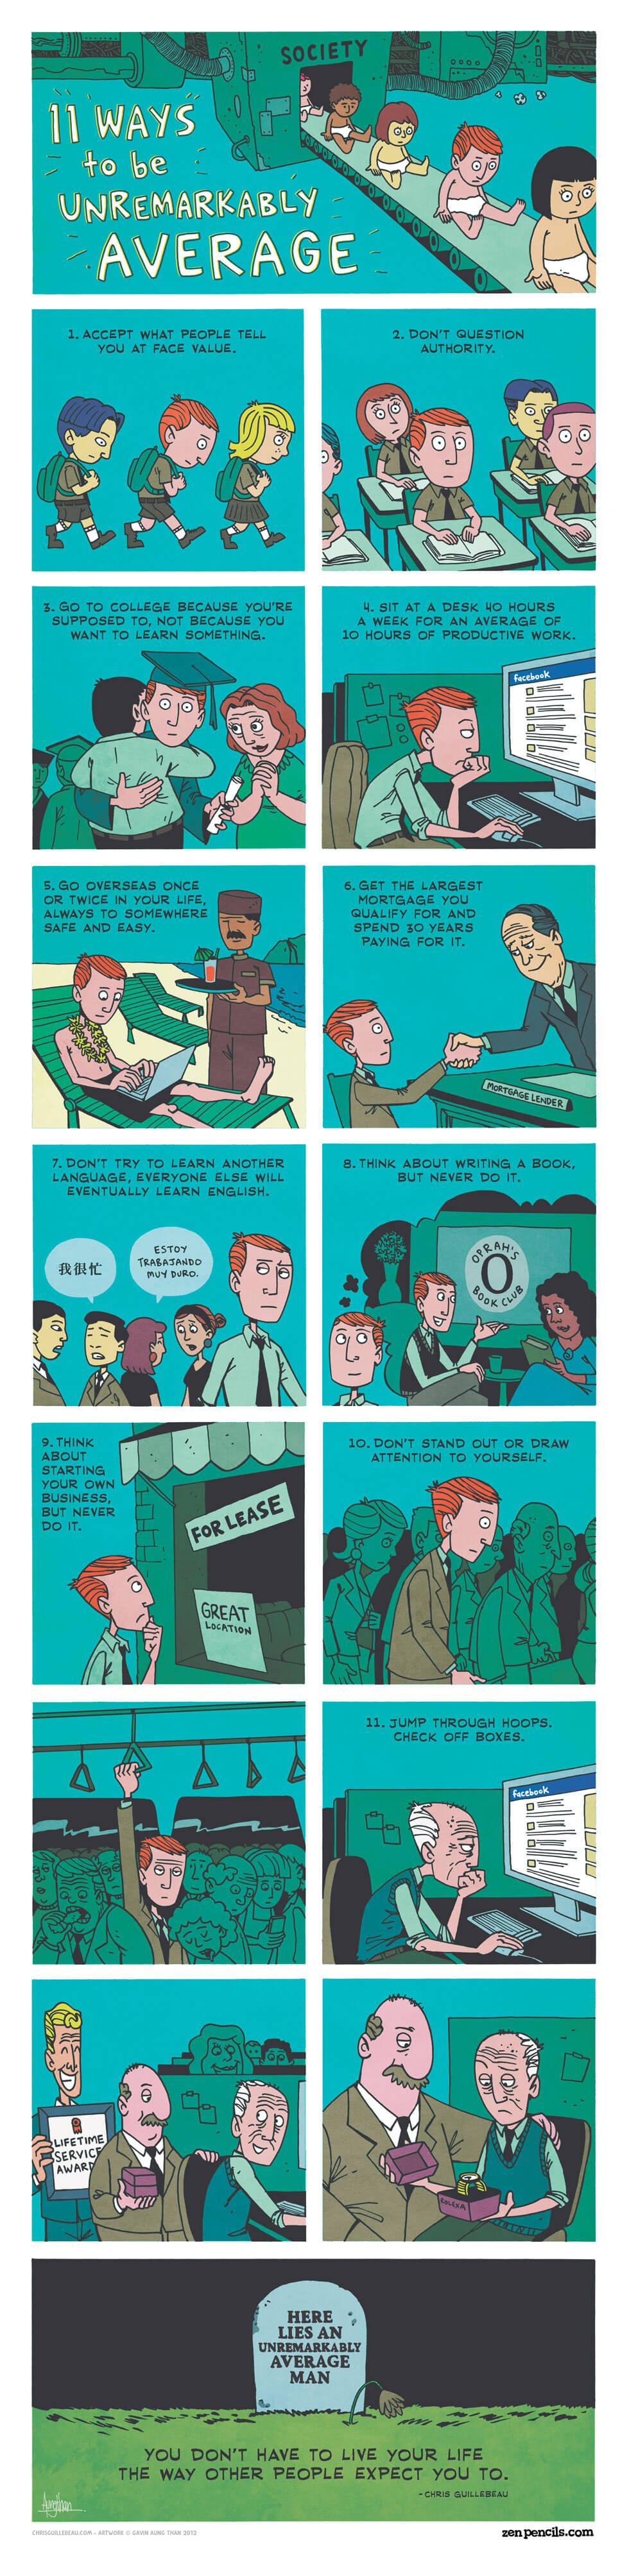 10 วิธีในการใช้ชีวิตอย่างไร้ประโยชน์ที่สุด